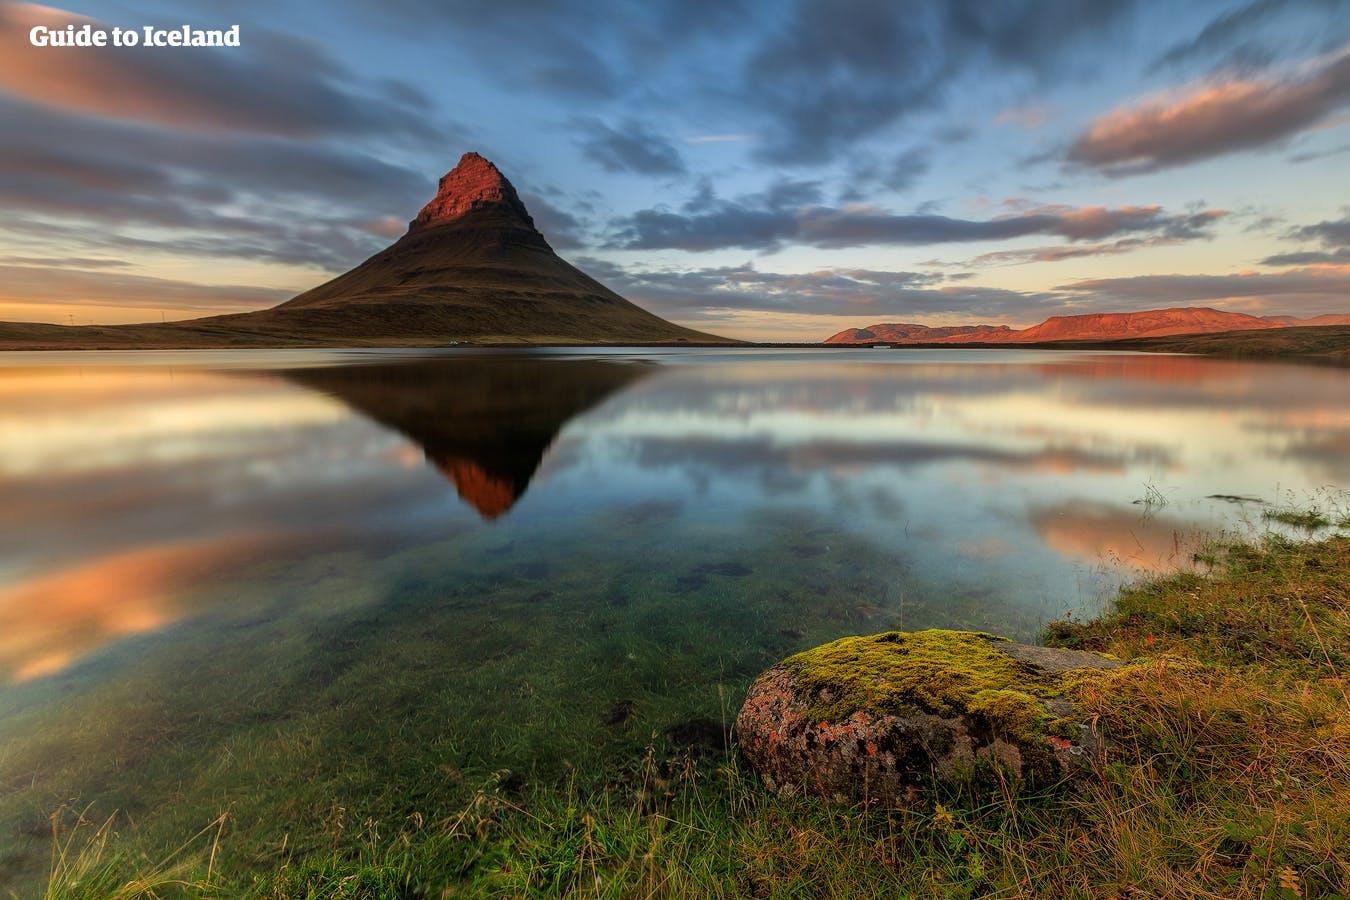 斯奈山半岛的教会山也称草帽山,是冰岛最具标志性的景点之一。